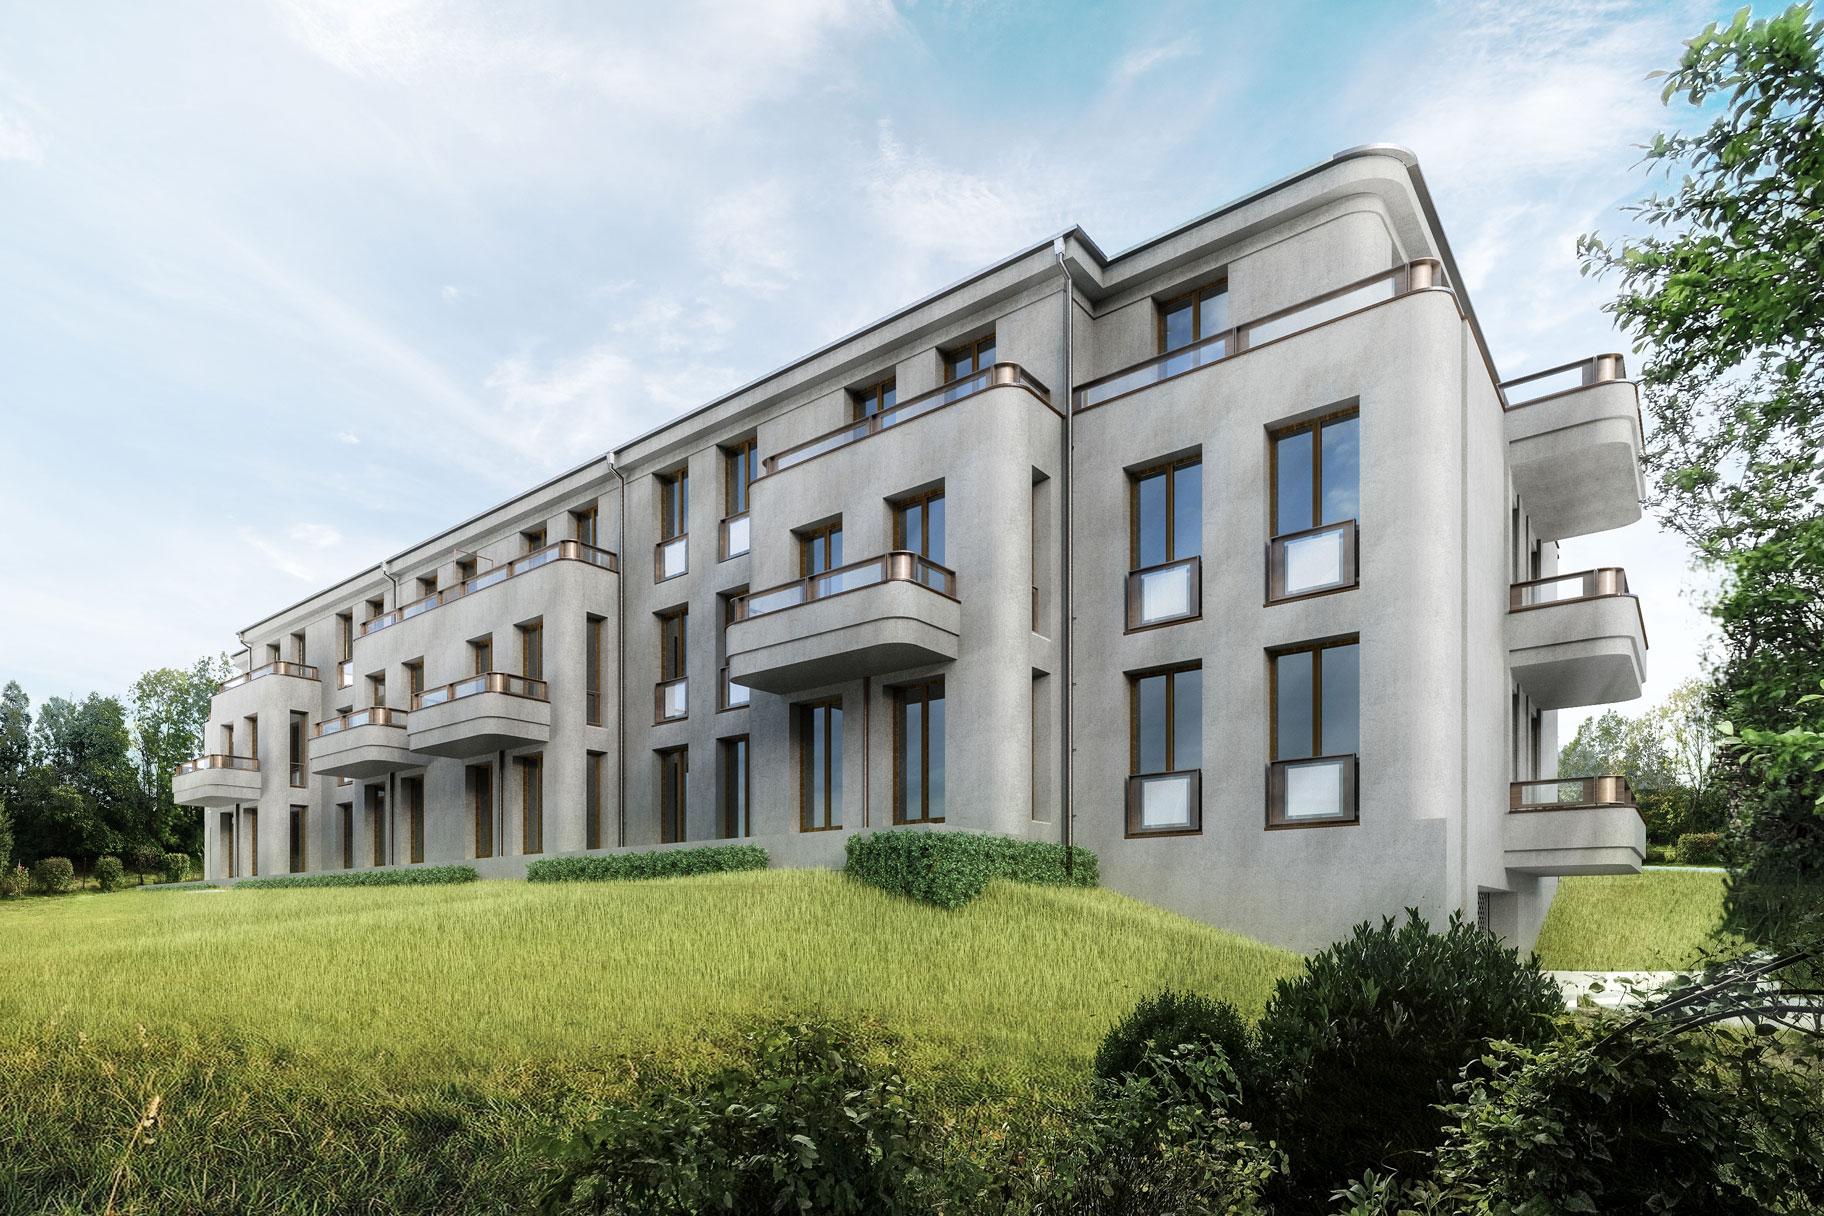 schlossblick terrassen apartmentanlage exklusive wohnungen